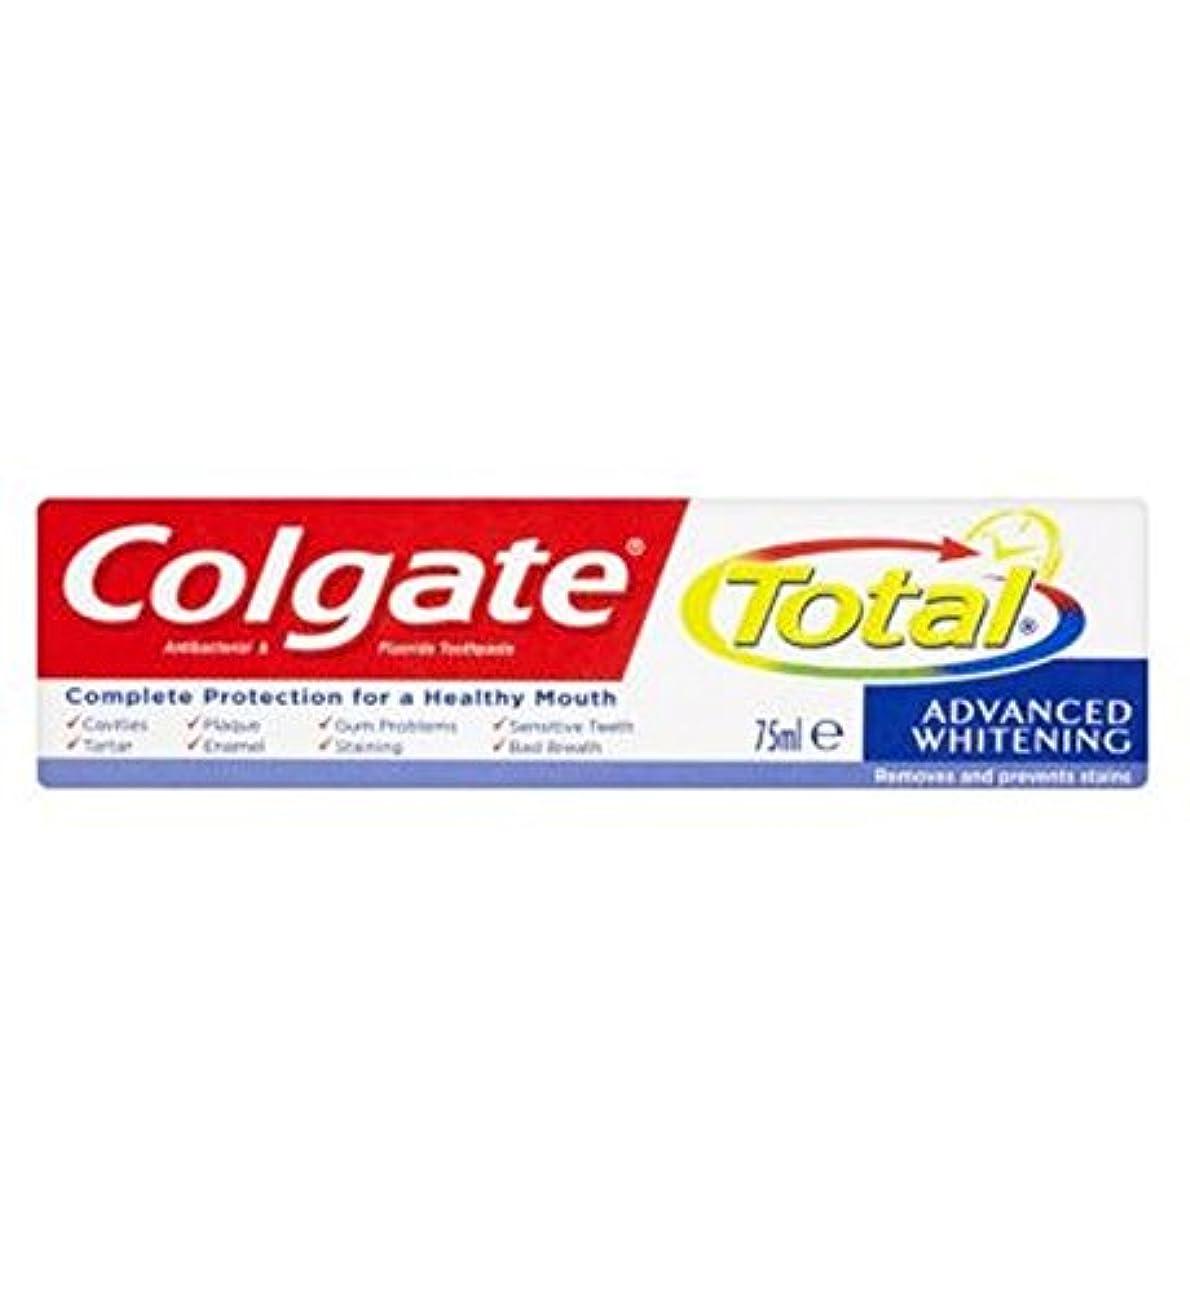 裸コンドーム処理するコルゲートトータル高度なホワイトニング歯磨き粉75ミリリットル (Colgate) (x2) - Colgate Total Advanced Whitening toothpaste 75ml (Pack of 2)...